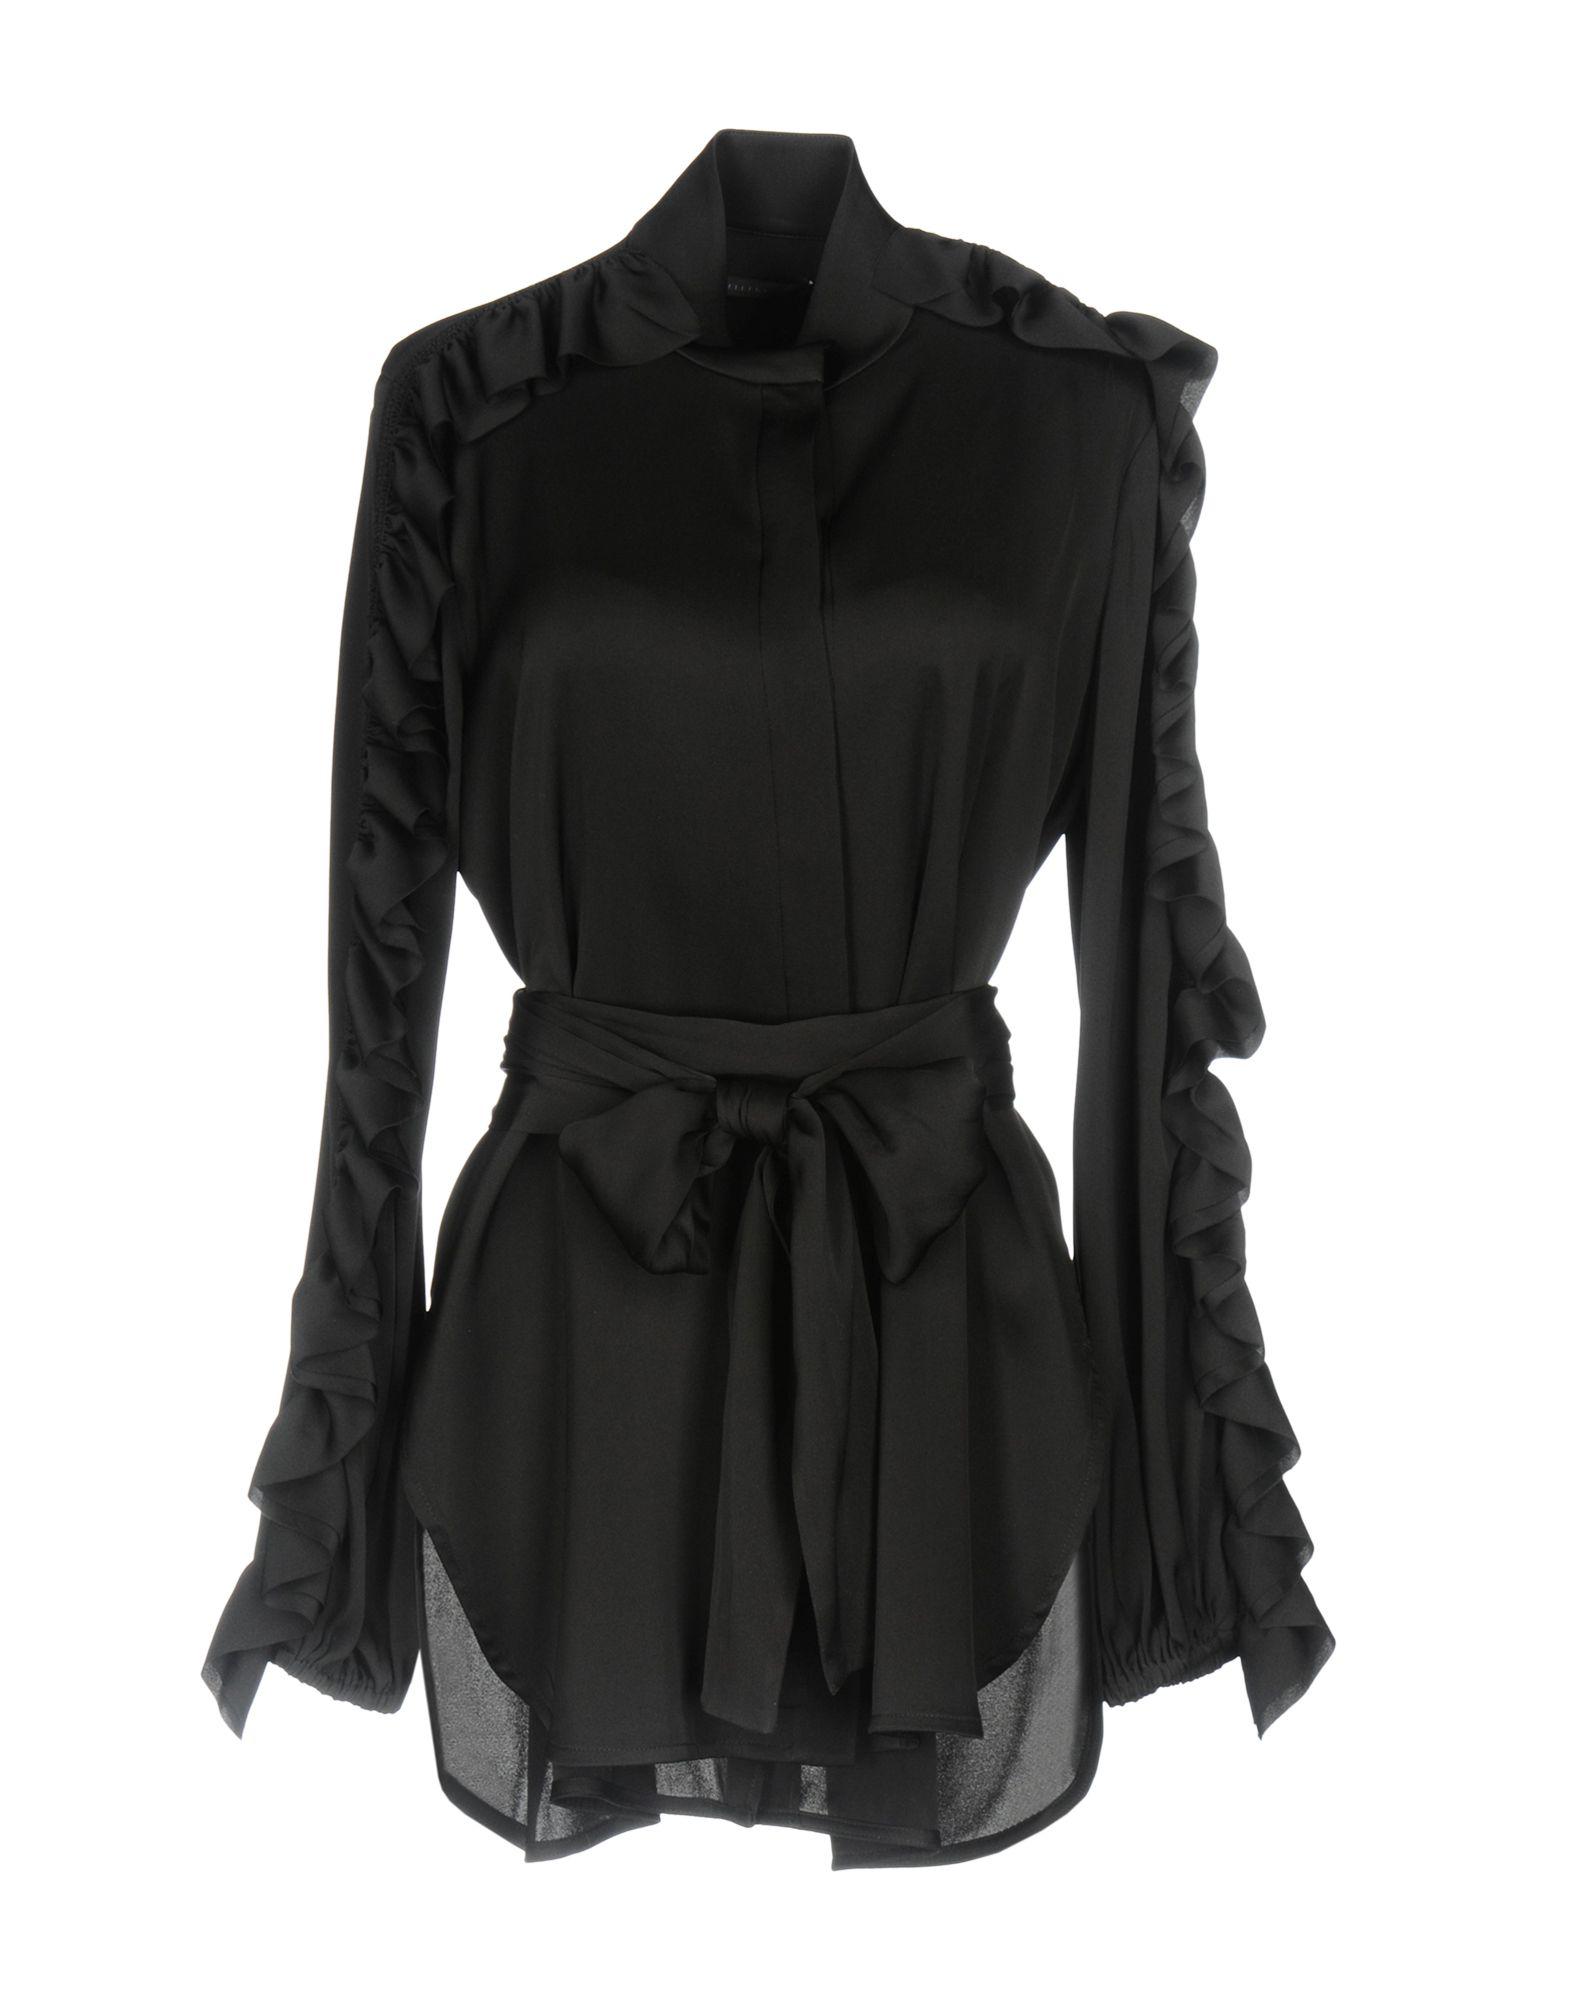 Camicie E E E bluse Tinta Unita Ellery donna - 38688692NM c83